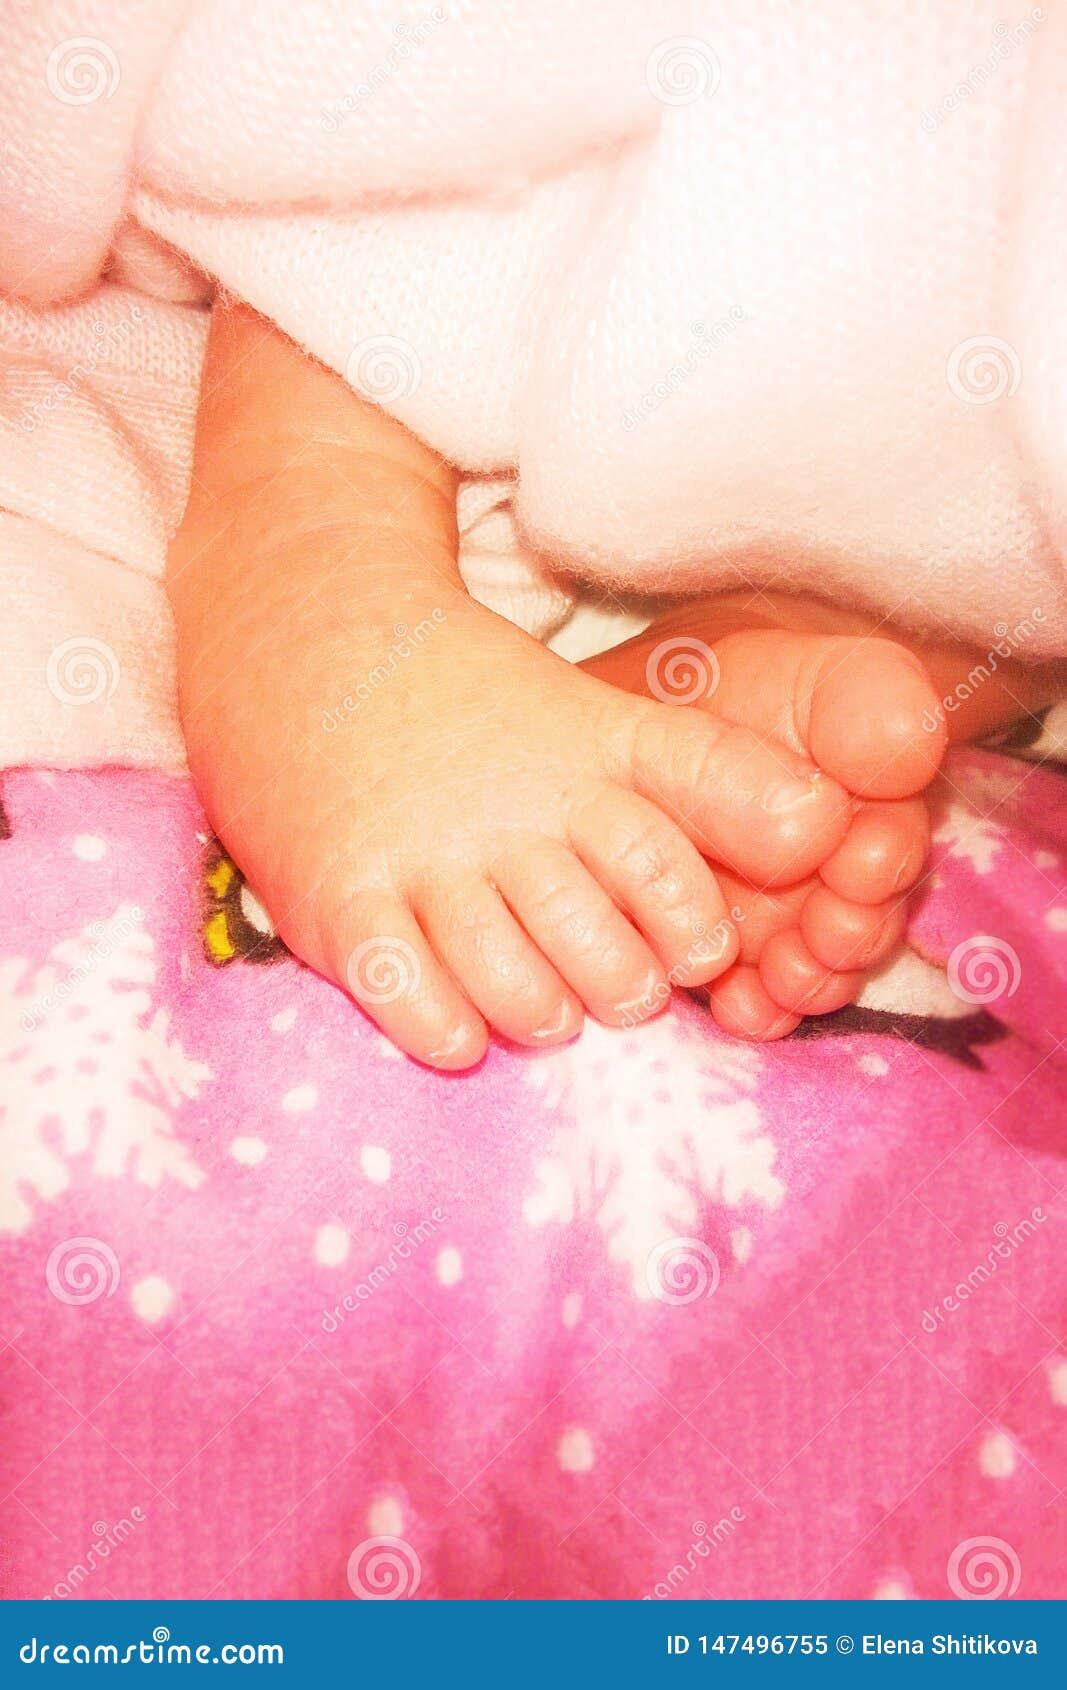 Pieds de bébé dans des couches-culottes Les premières semaines de la vie